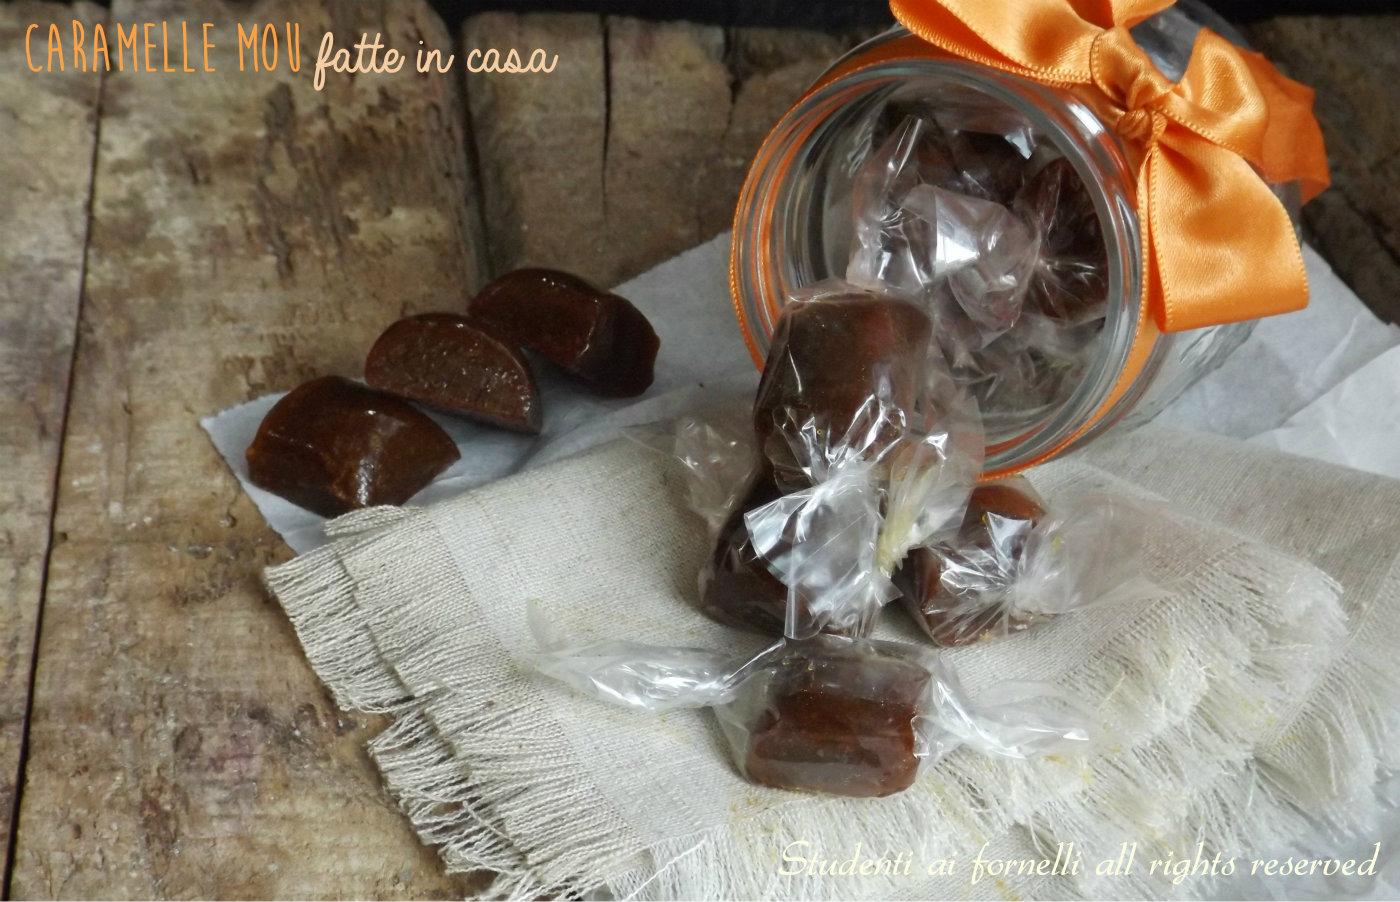 caramelle mou fatte in casa ricetta caramelle per la befana